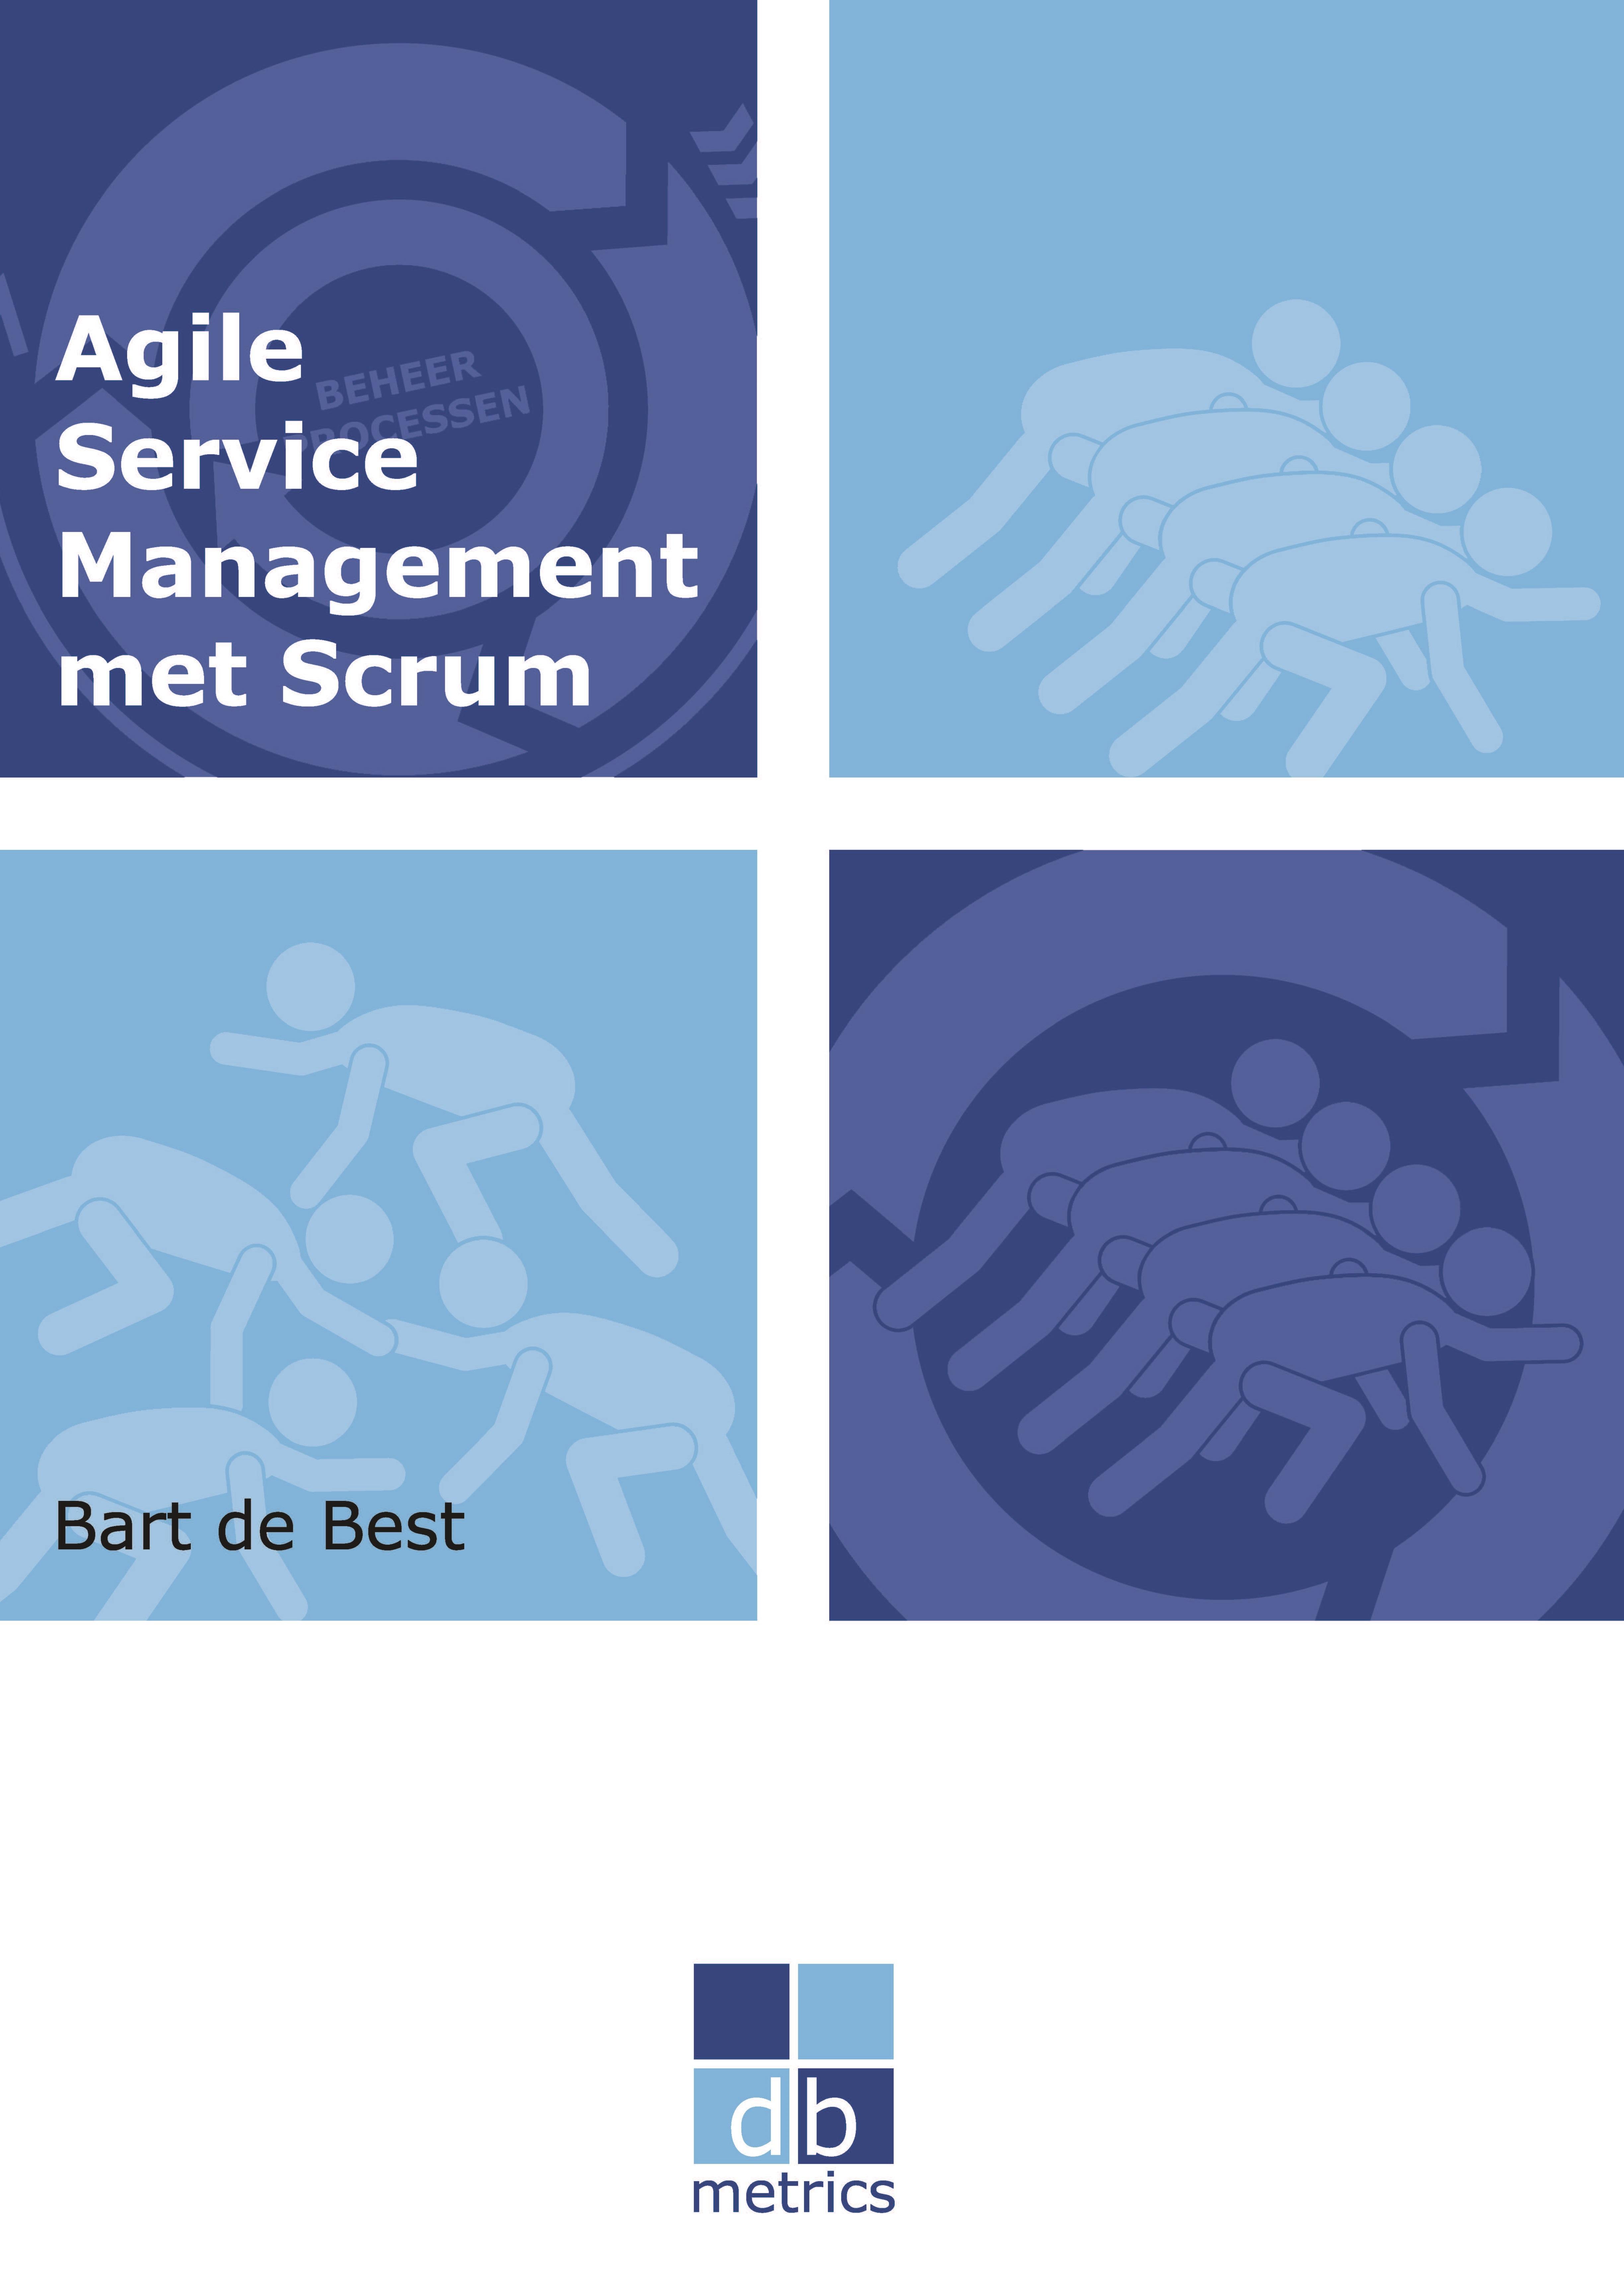 Agile service management met scrum